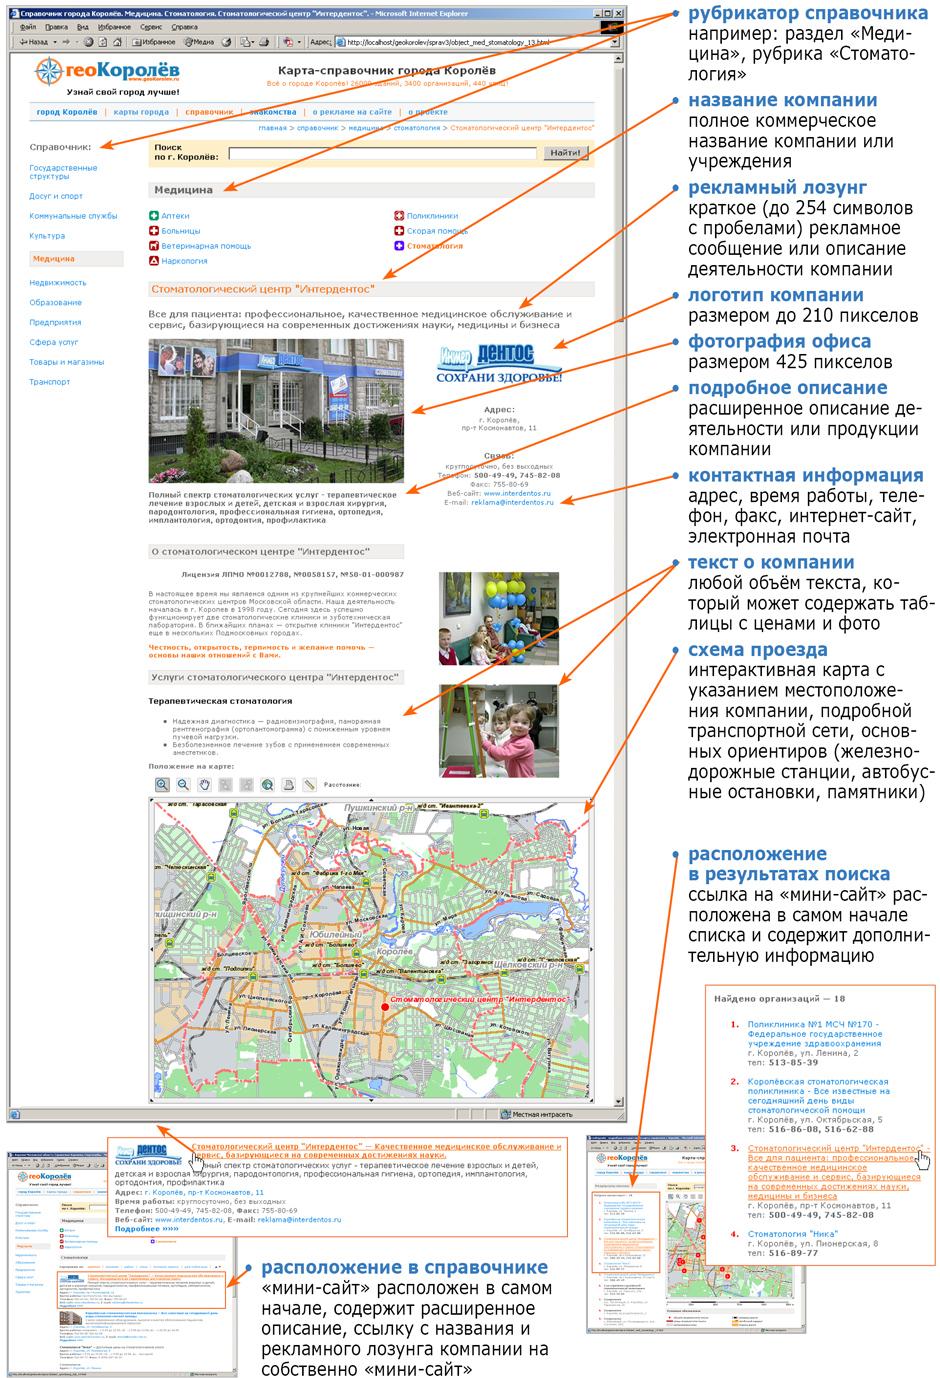 Сколько стоит реклама предприятия на сайтах контекстная реклама.учебник 2011 скачать